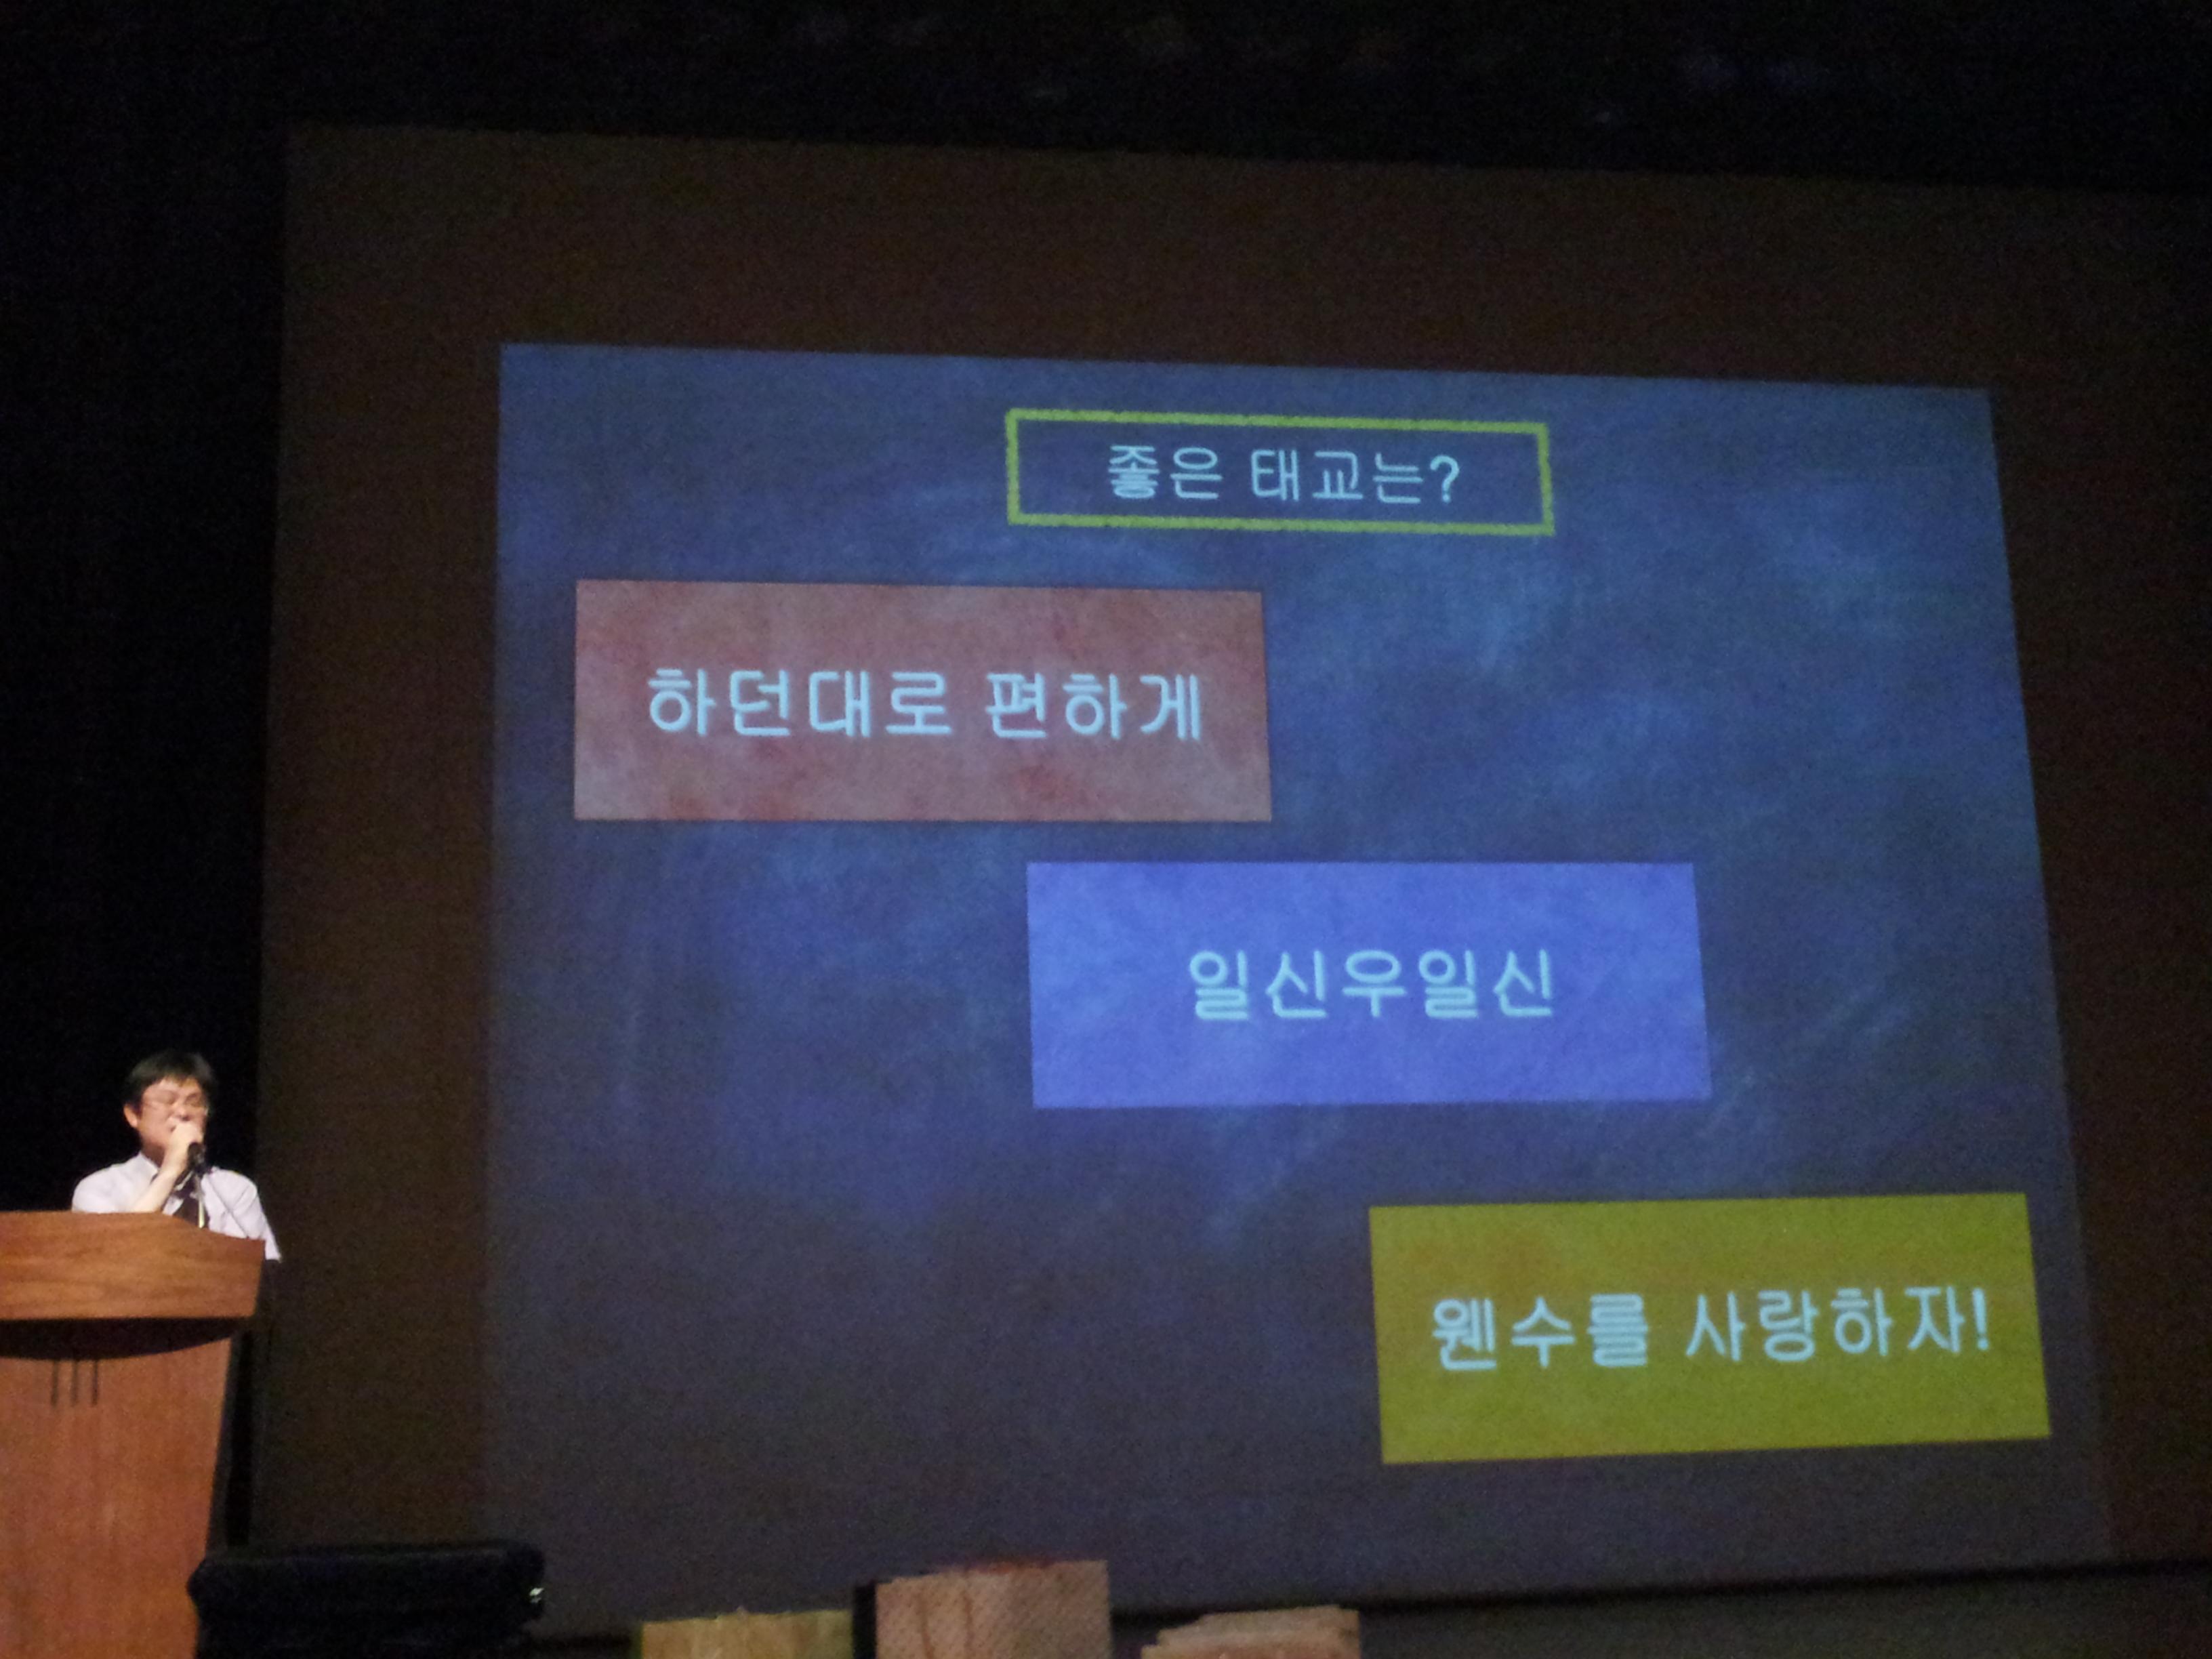 2012-09-25_14.13.02.jpg